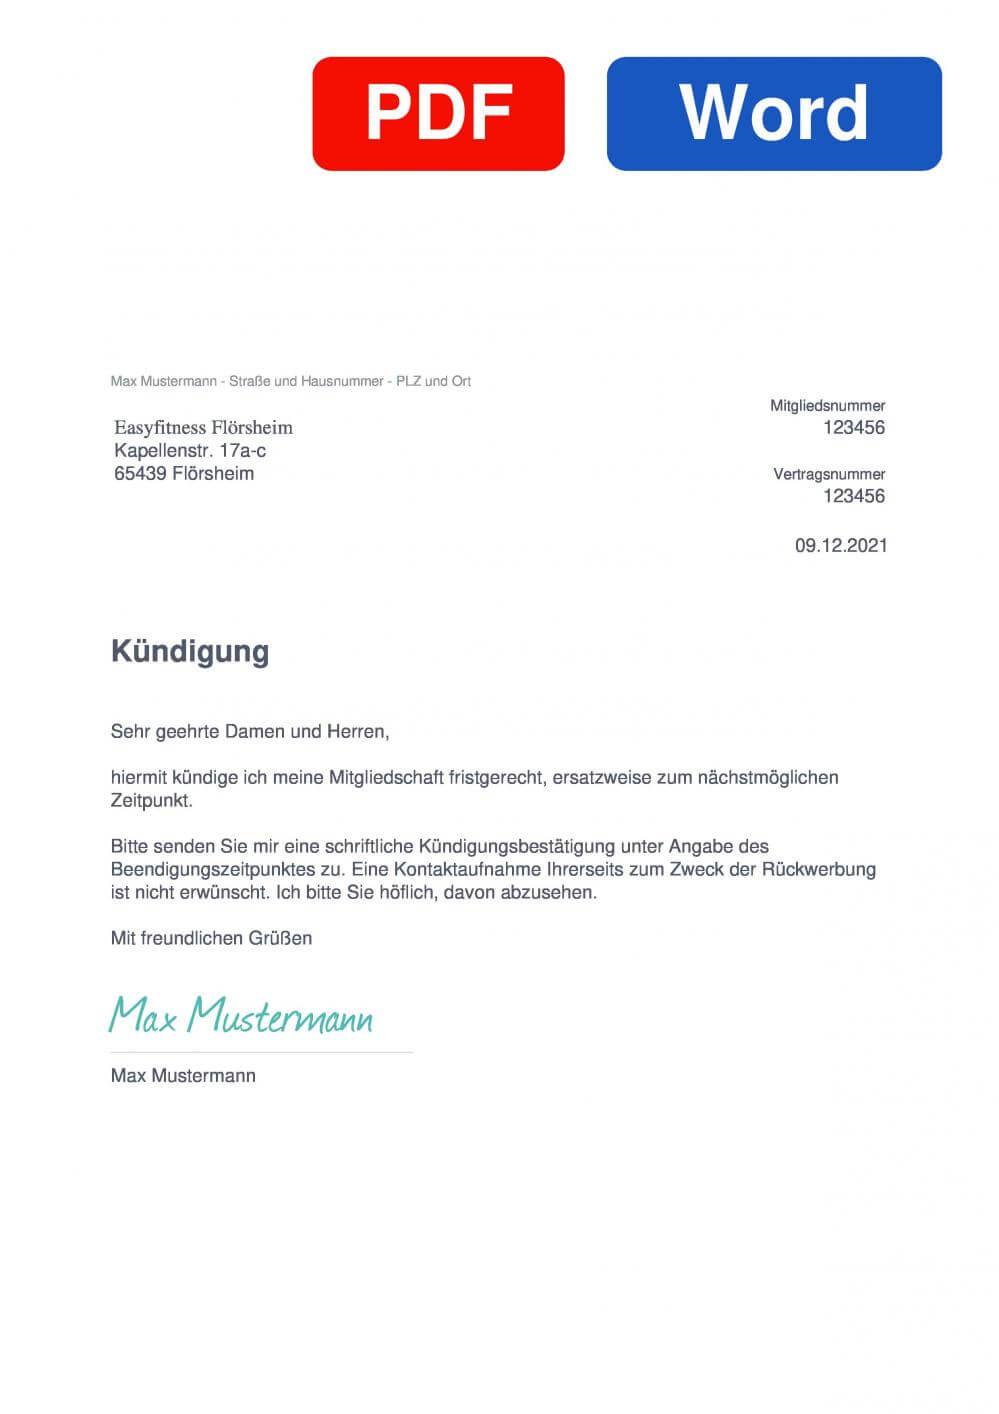 EASYFITNESS Flörsheim Muster Vorlage für Kündigungsschreiben